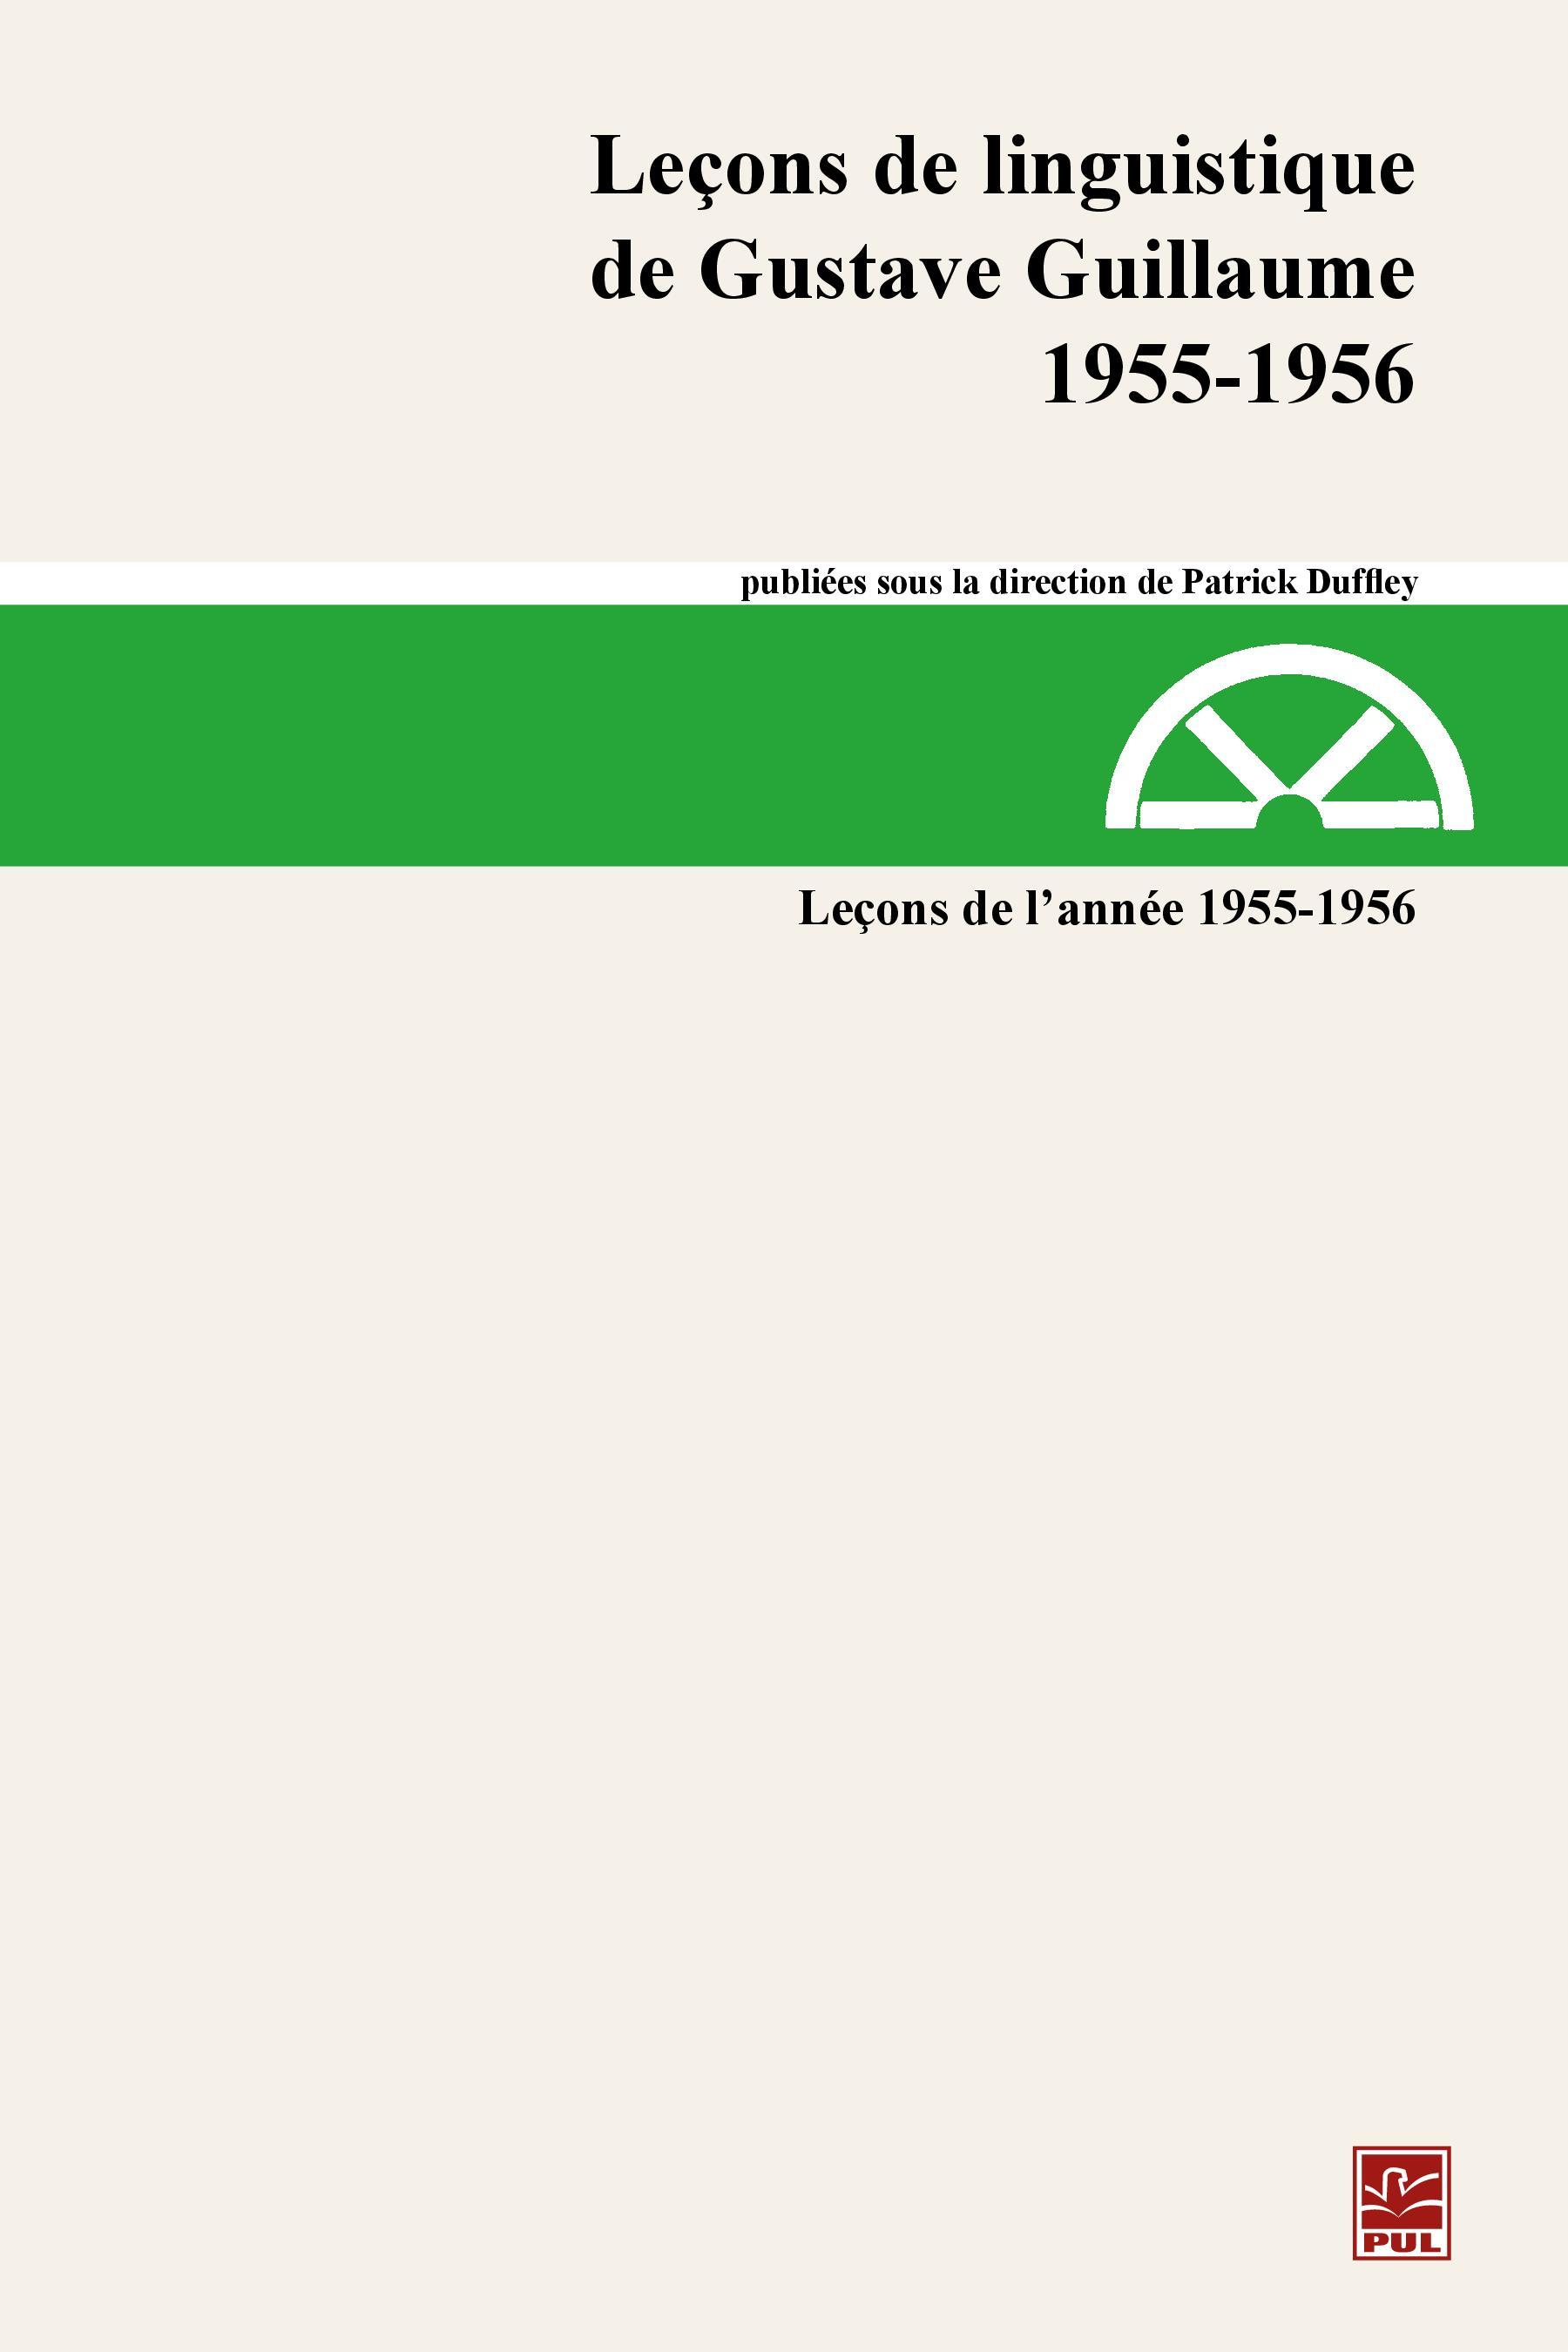 Leçons de linguistique de Gustave Guillaume 1955-1956 23